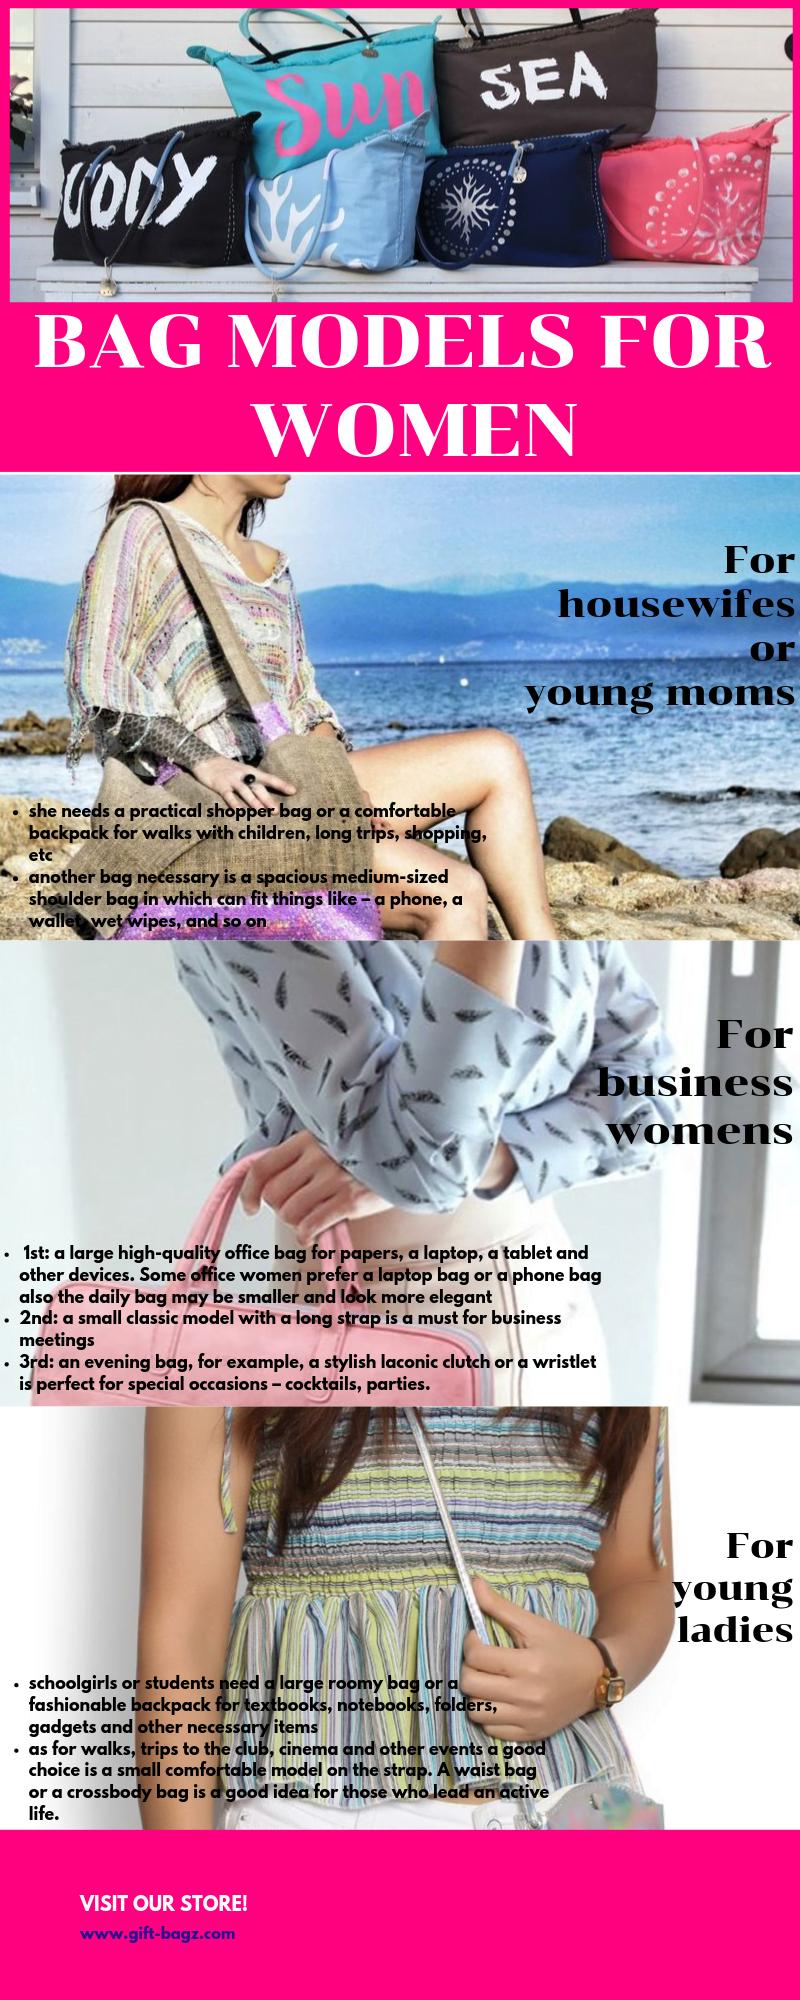 Bag models for women Infographic - Model Bags for Women   Handbag, Model, Bags, Images